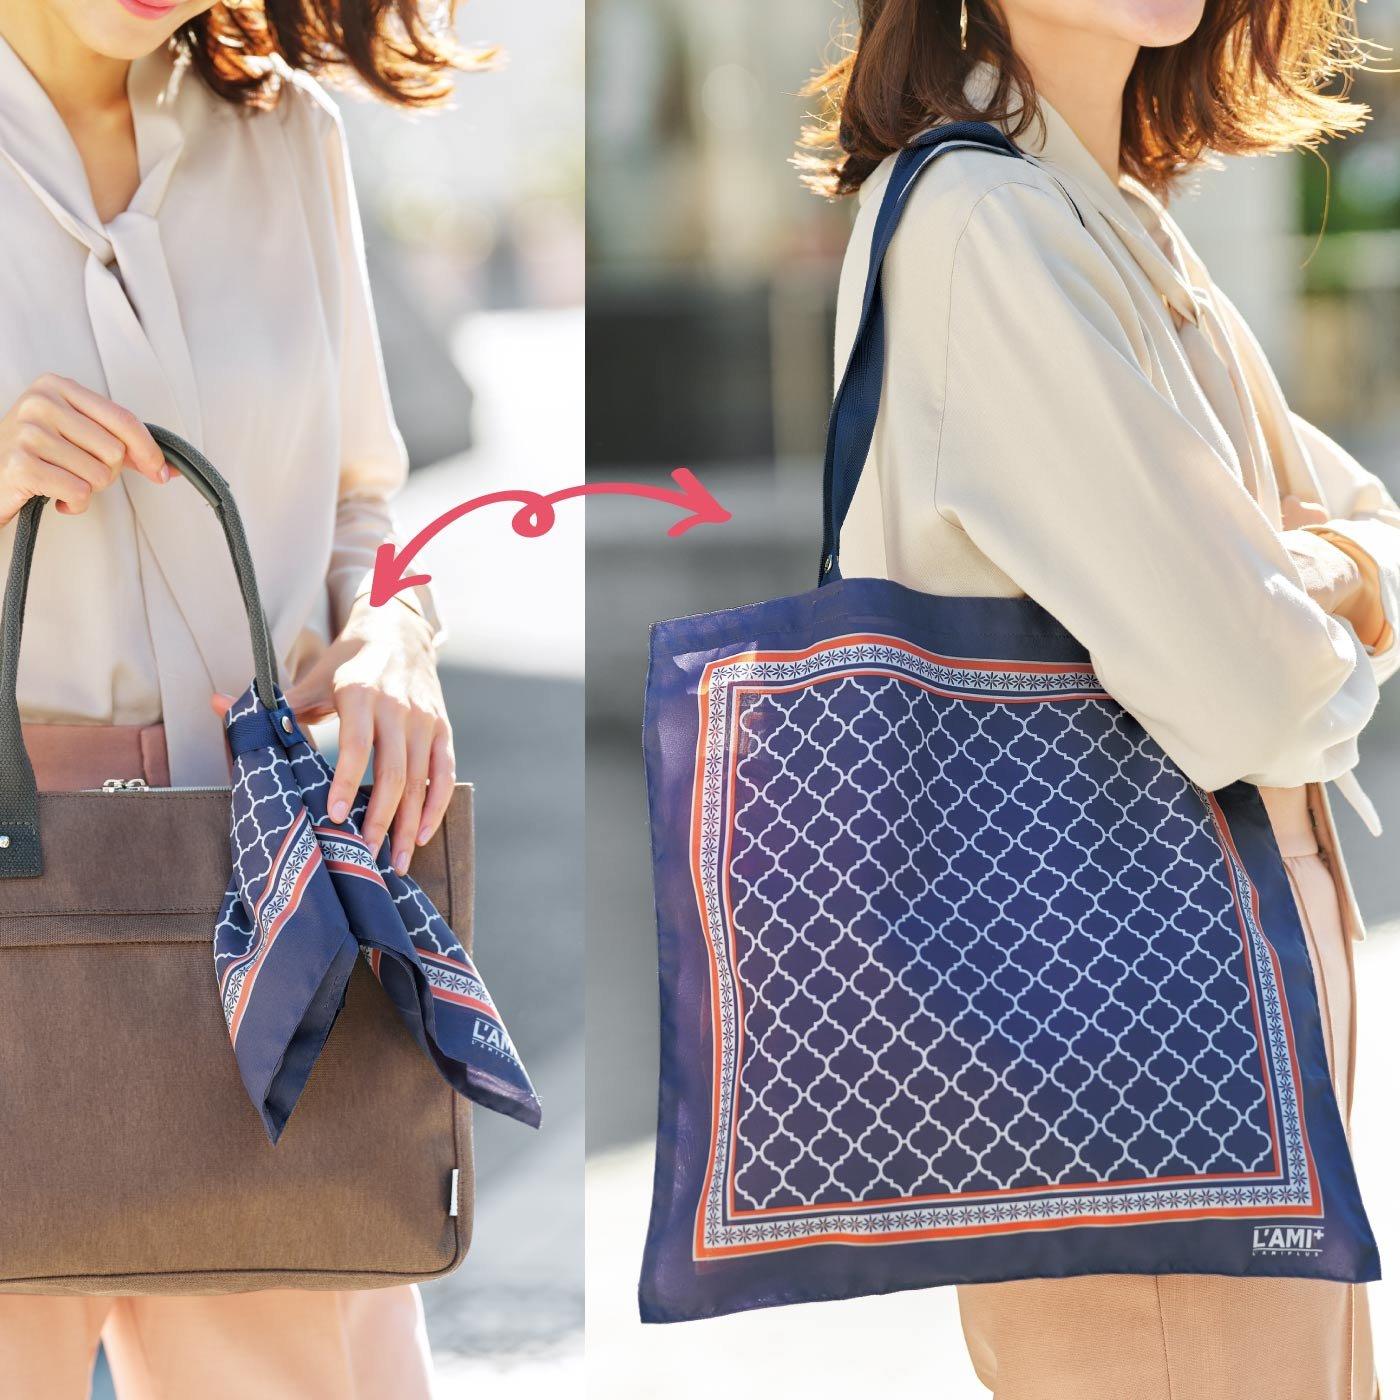 急な買い物も安心 結んでお出かけスカーフエコバッグ〈幾何学柄〉の会